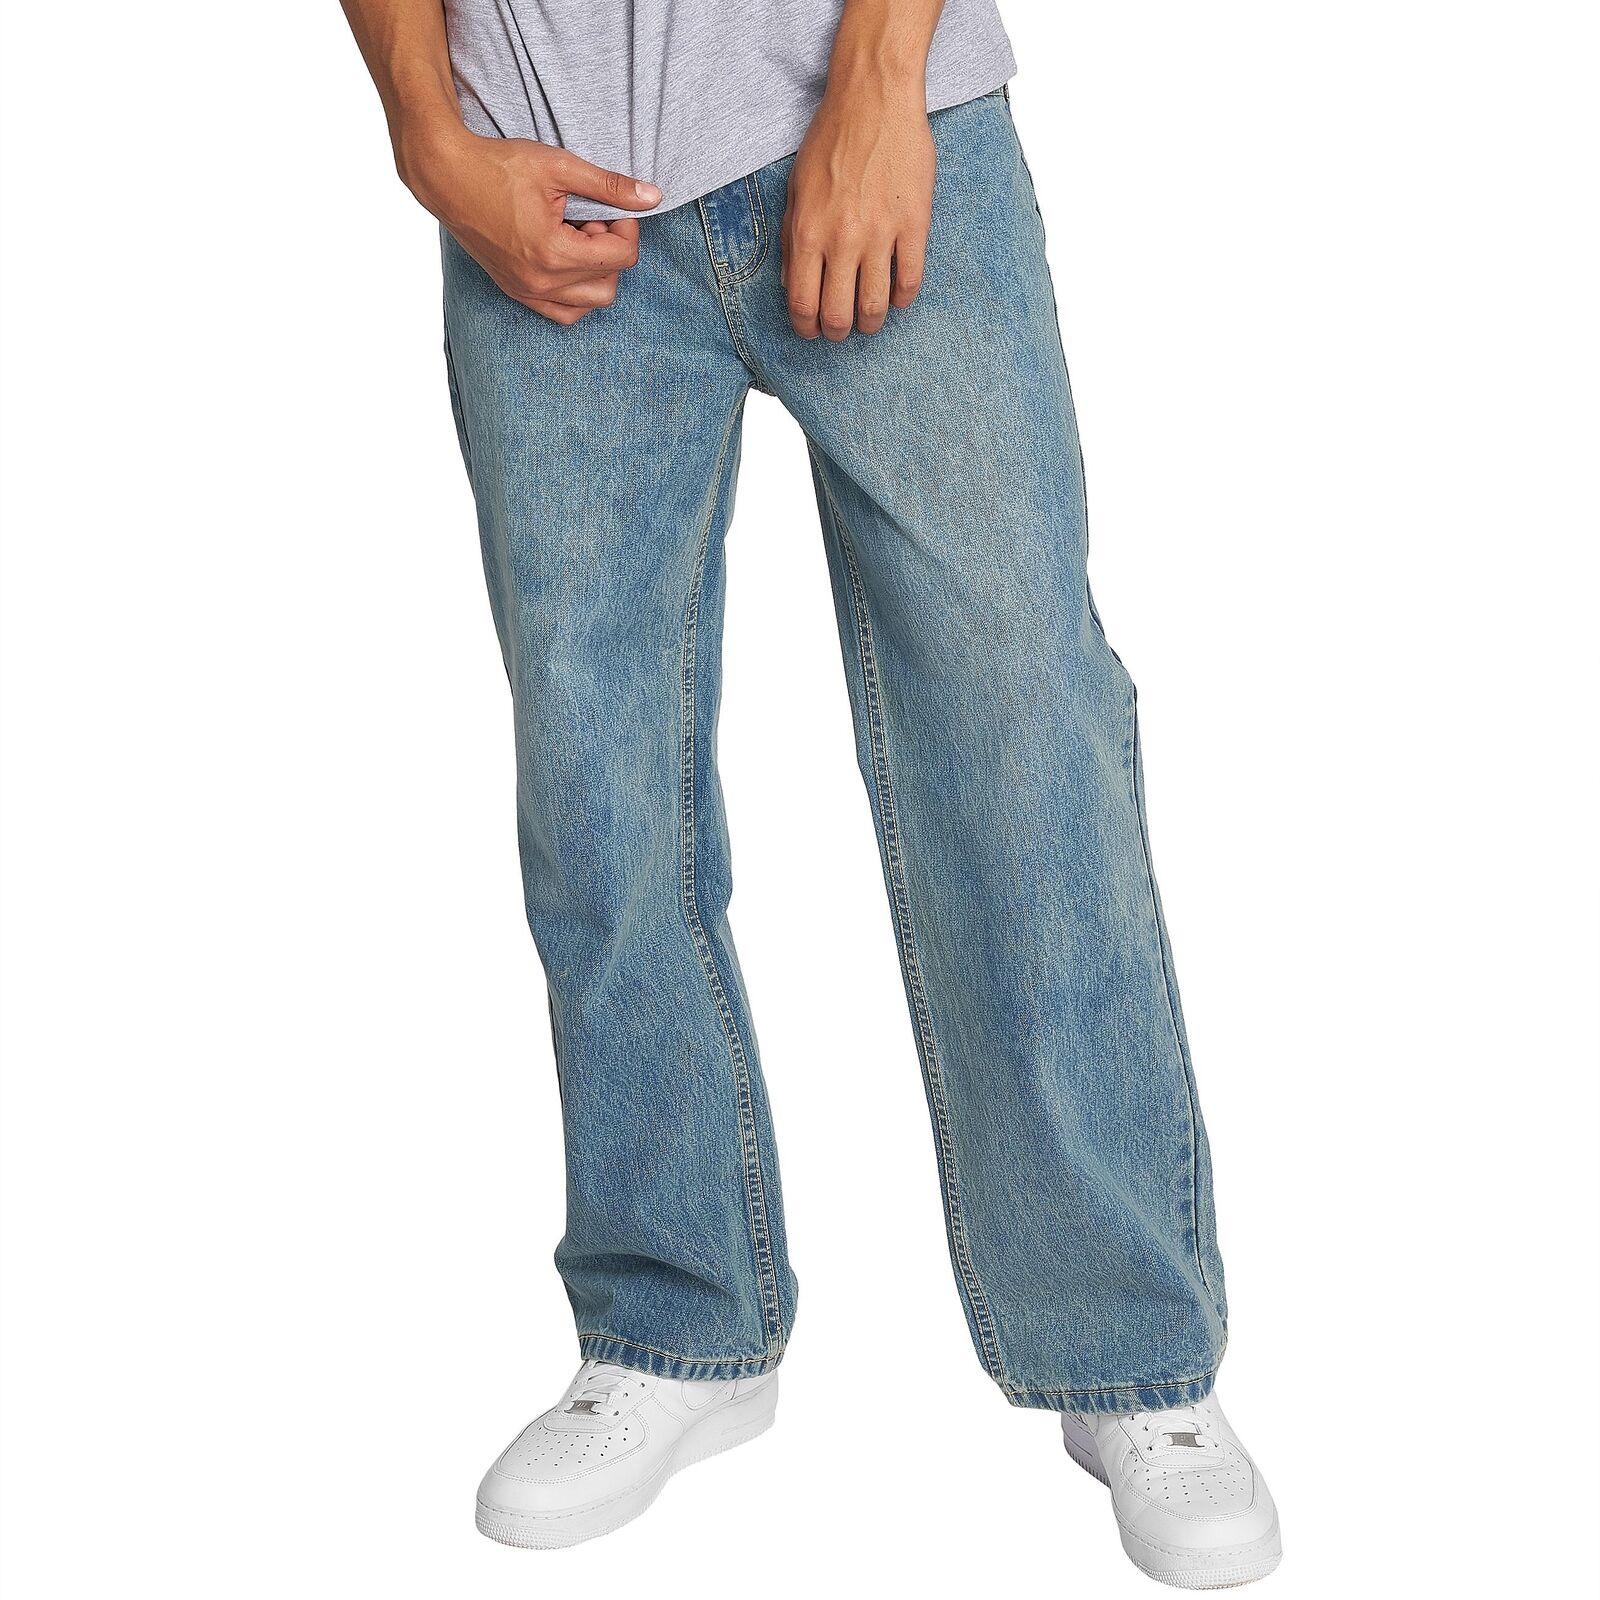 f69fcd77 Baggy Jeans Homie lightbluee DNGRS Dangerous nxzfit1229-Jeans